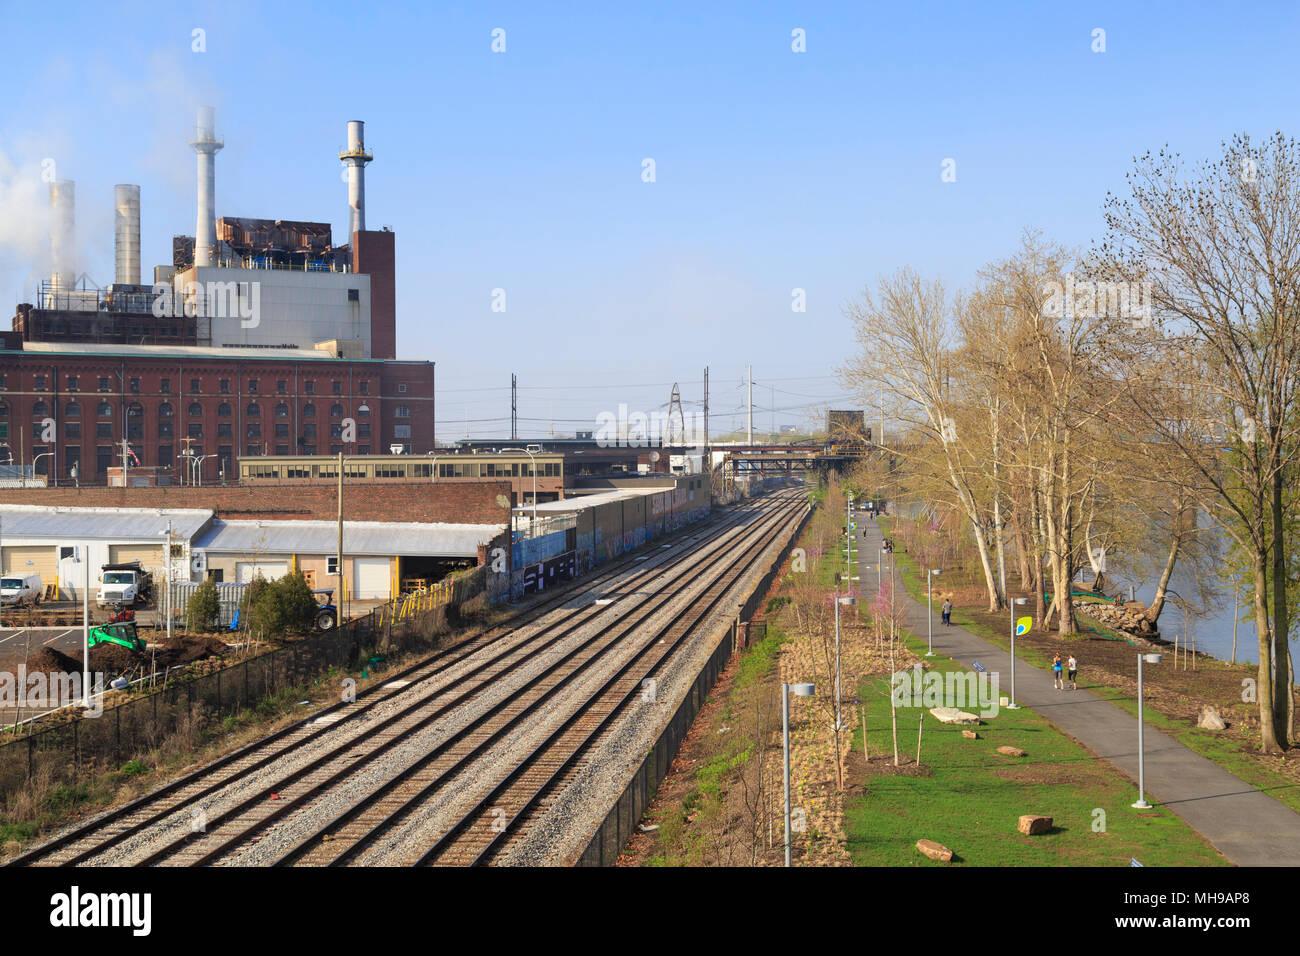 Chemin des loisirs Banques Schuylkill et former les tracksin zone industrielle revitalisé avec Veolia usine de l'énergie thermique, Philadelphie , Pennsylvanie, USA Photo Stock